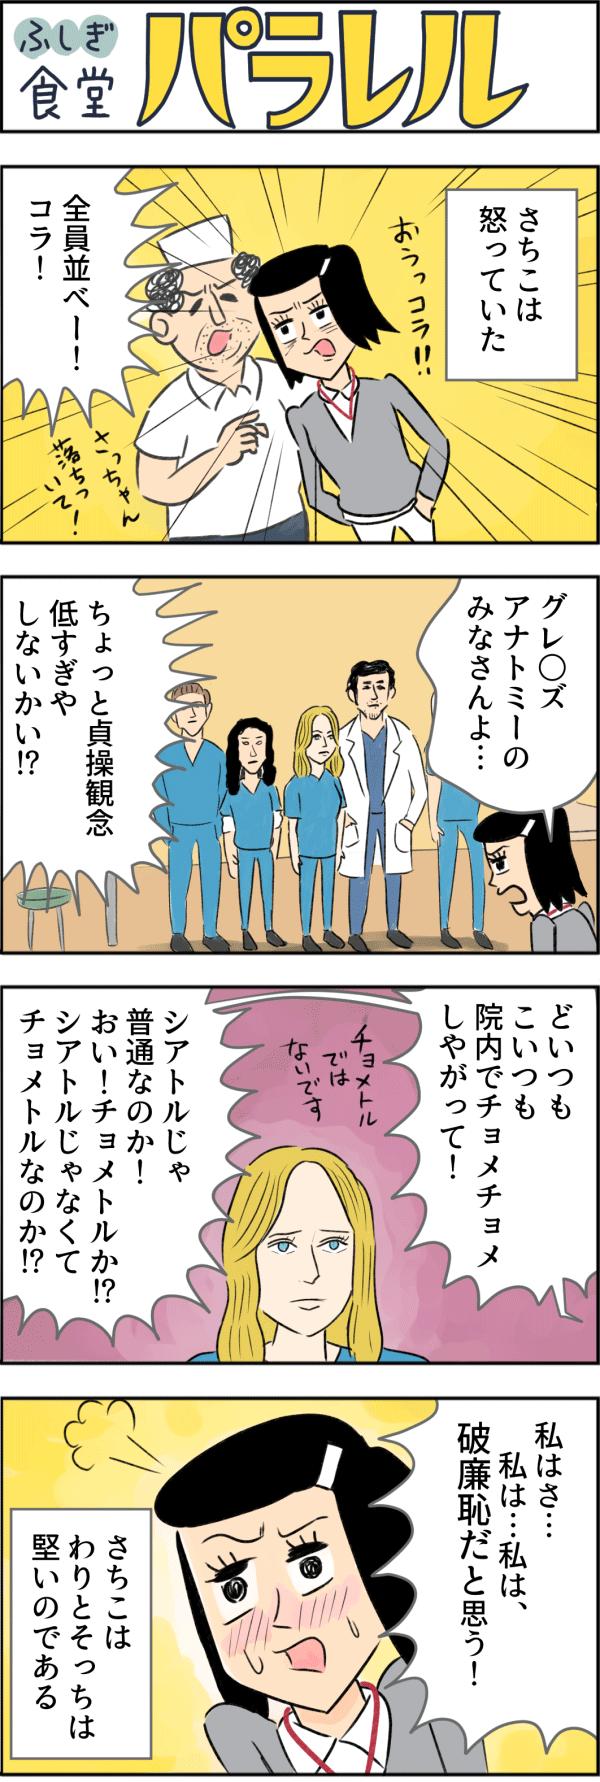 ふしぎ食堂パラレル。彼女は白井さちこ、新井総合病院に勤務する看護師3年目。さちこは怒っていた。グレ◯ズアナトミーの医師たちを並ばせ、「ちょっと貞操観念低すぎやしないかい!?」と叱りました。「どいつもこいつも院内でチョメチョメしやがって!シアトルじゃ普通なのか!チョメトルか!?シアトルじゃなくてチョメトルなのか!?」と詰め寄りながら「私は…私は、破廉恥だと思う!」とわりとそっちは堅くて恥じらうさちこ。